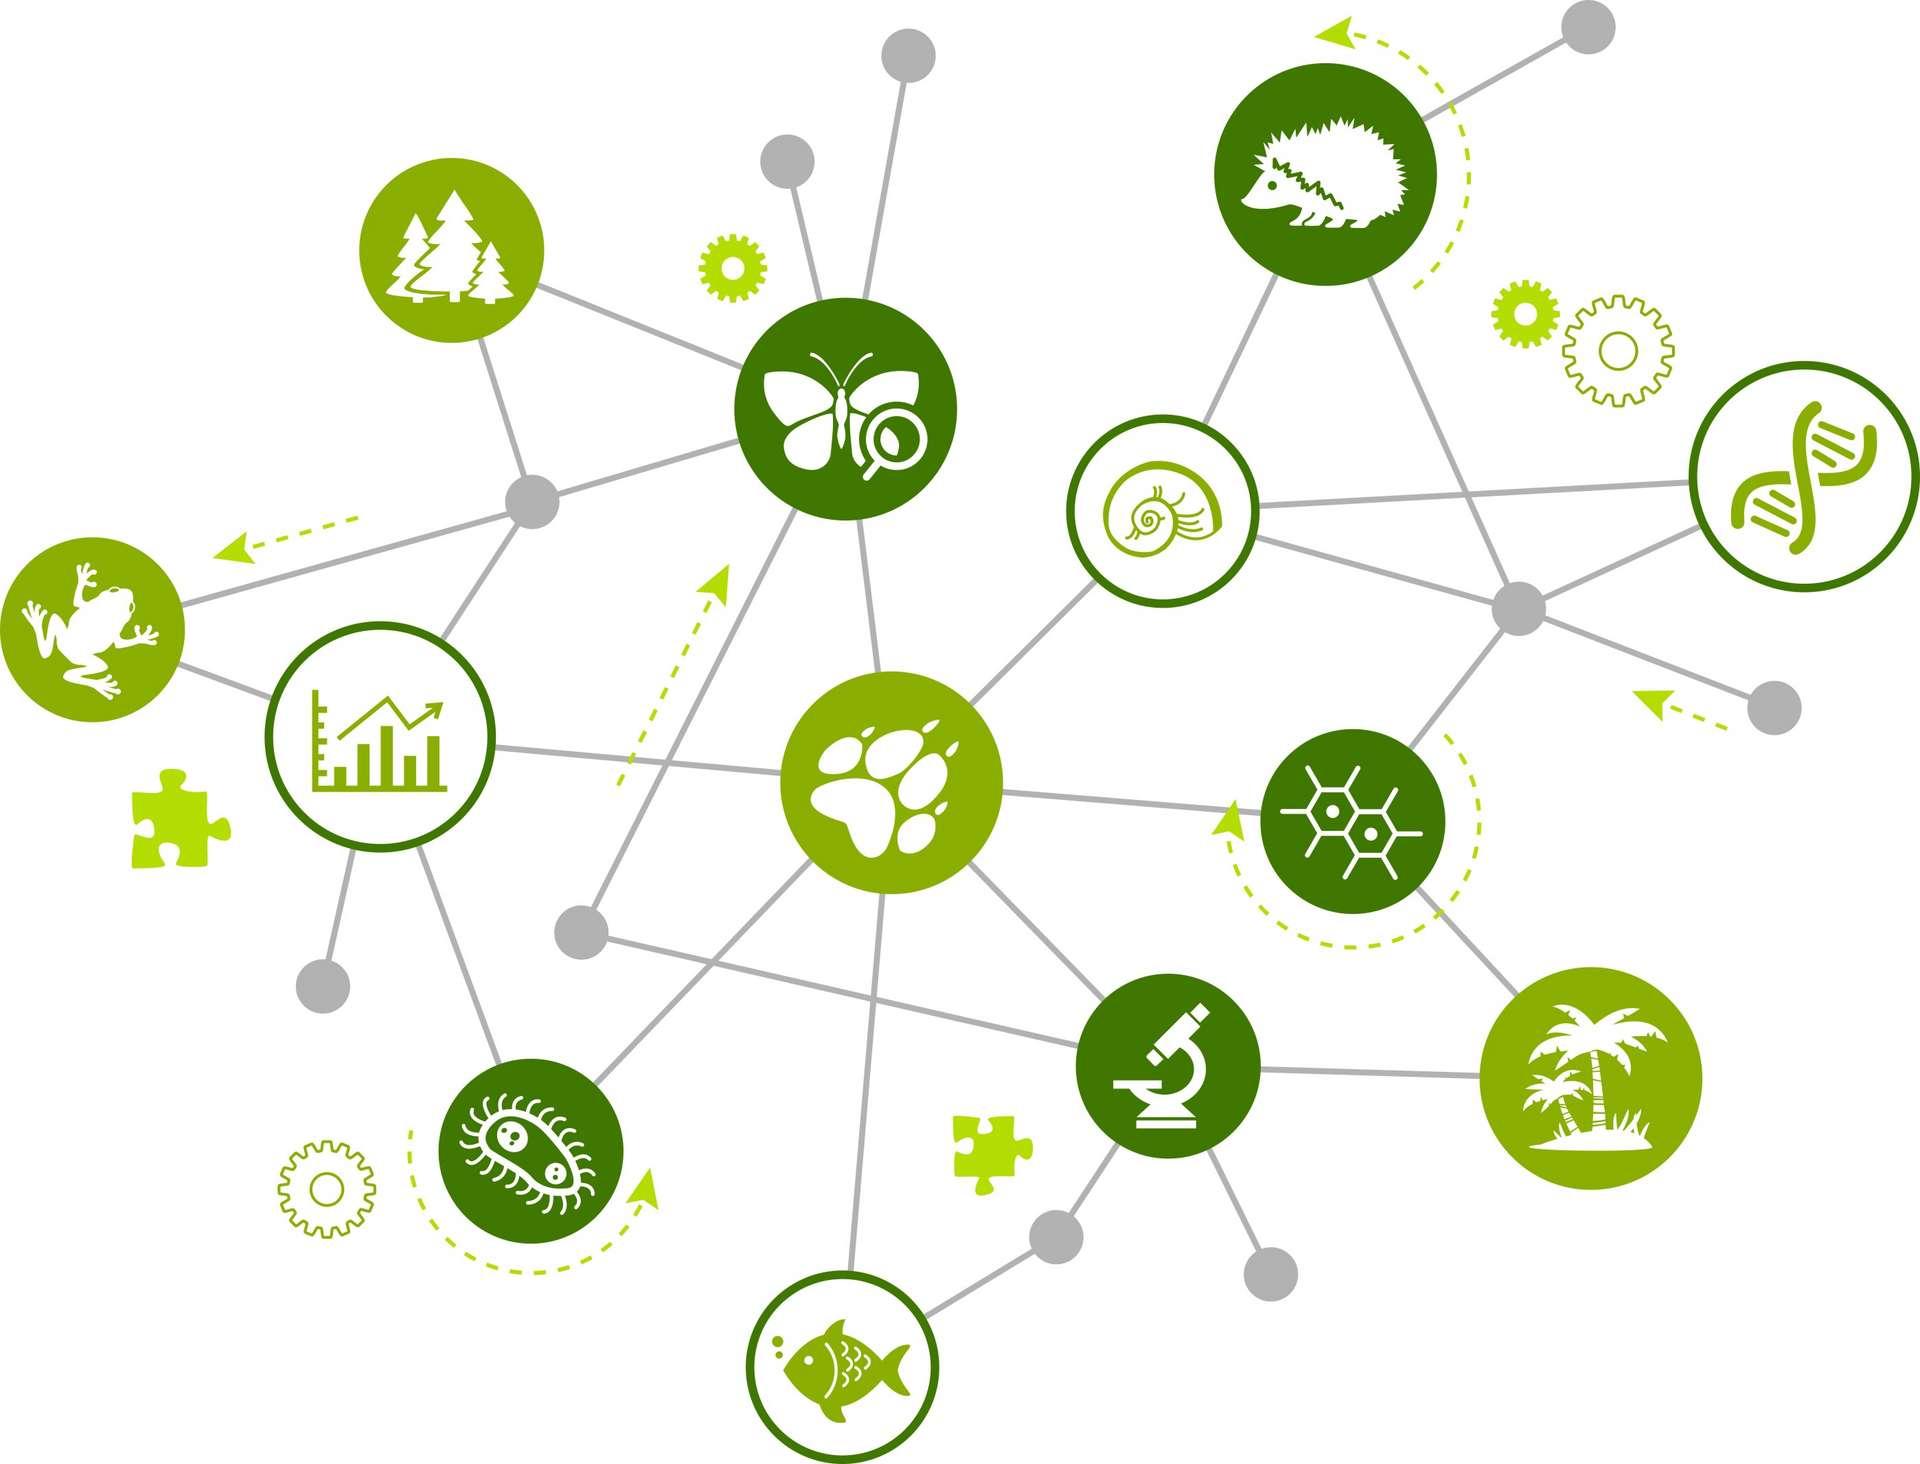 Avec son application Earth Challenge 2020, le réseau Earth Day souhaite lancer le plus grand mouvement de science citoyenne au monde. © J-mel, Adobe Stock